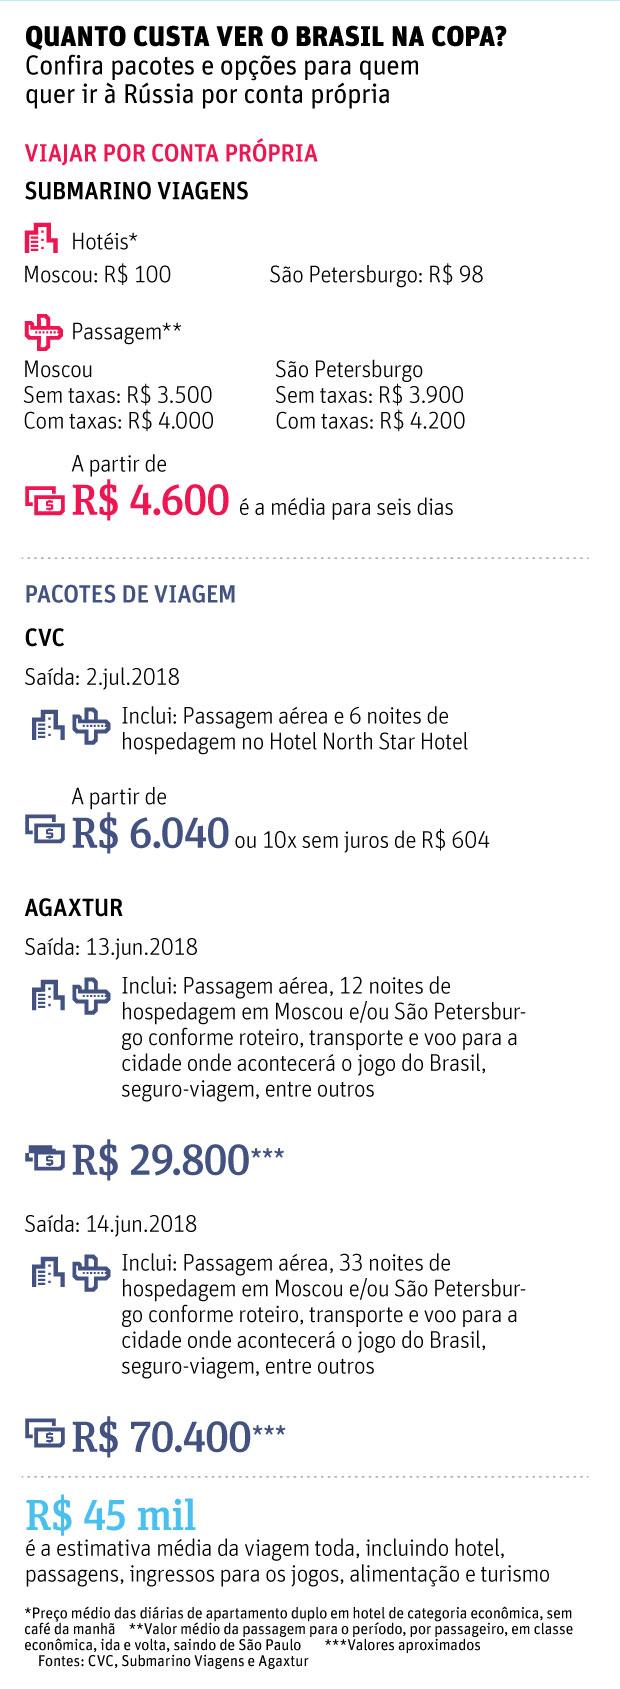 Quanto custa ver o Brasil na Copa? Confira pacotes e opções para quemquer ir à Rússia por conta própria